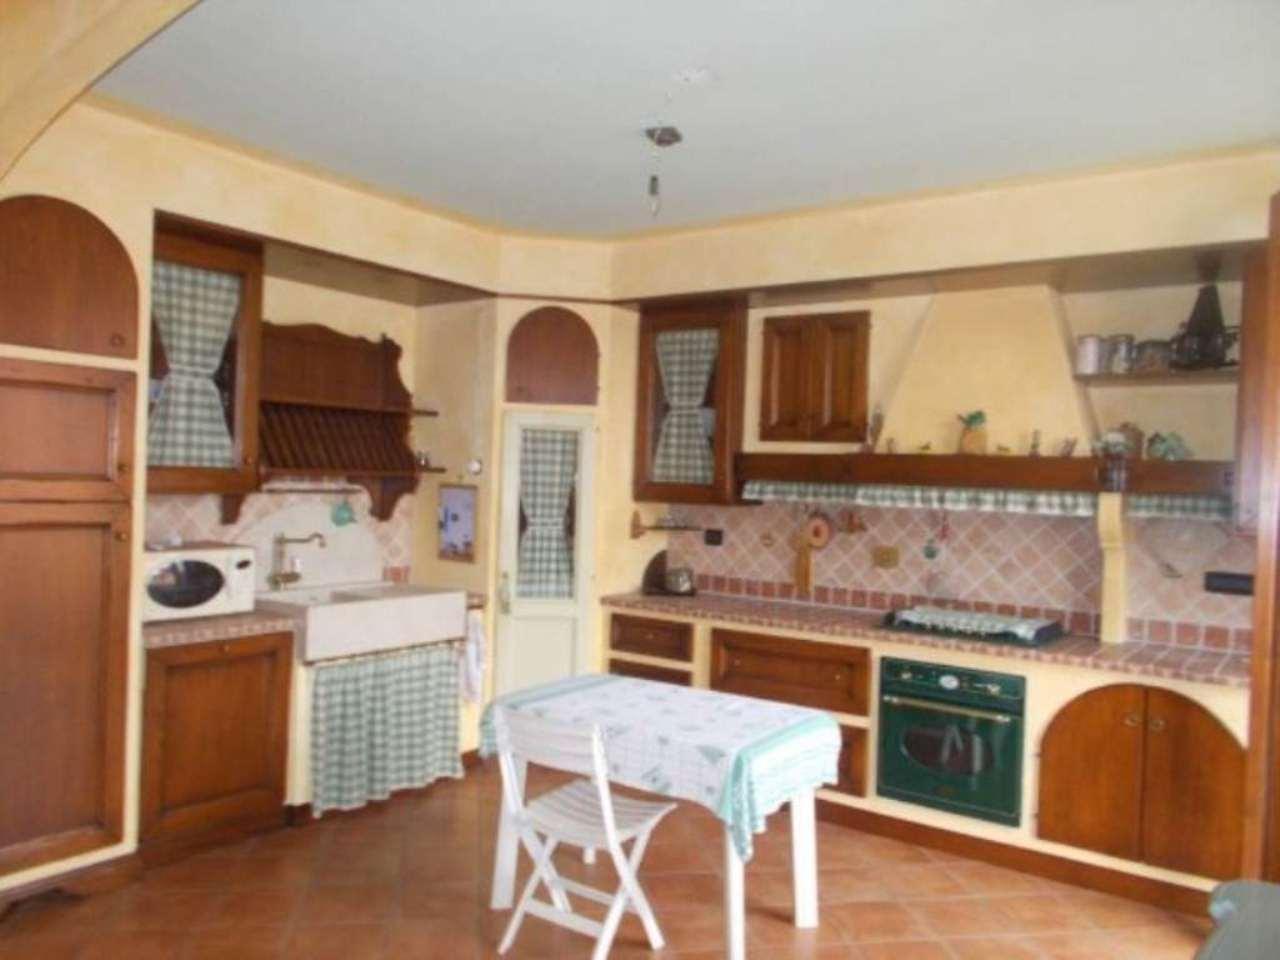 Appartamento in vendita a San Polo d'Enza, 4 locali, prezzo € 165.000 | Cambio Casa.it